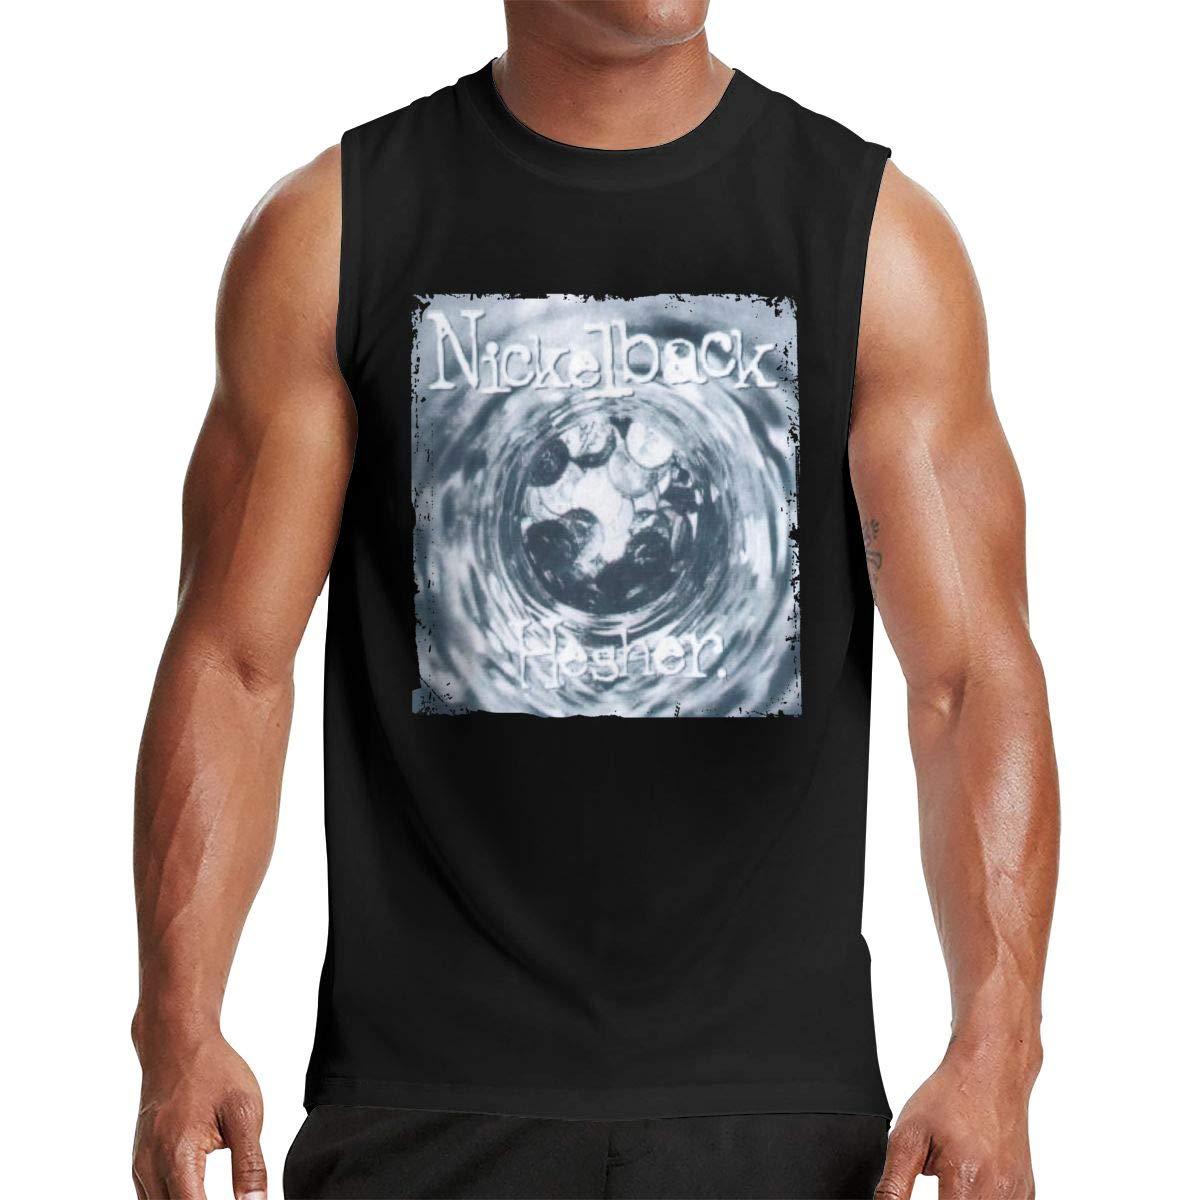 Larry C Dizon Man Nickelback Hesher Fashion Customized Sleeveless T Shirt